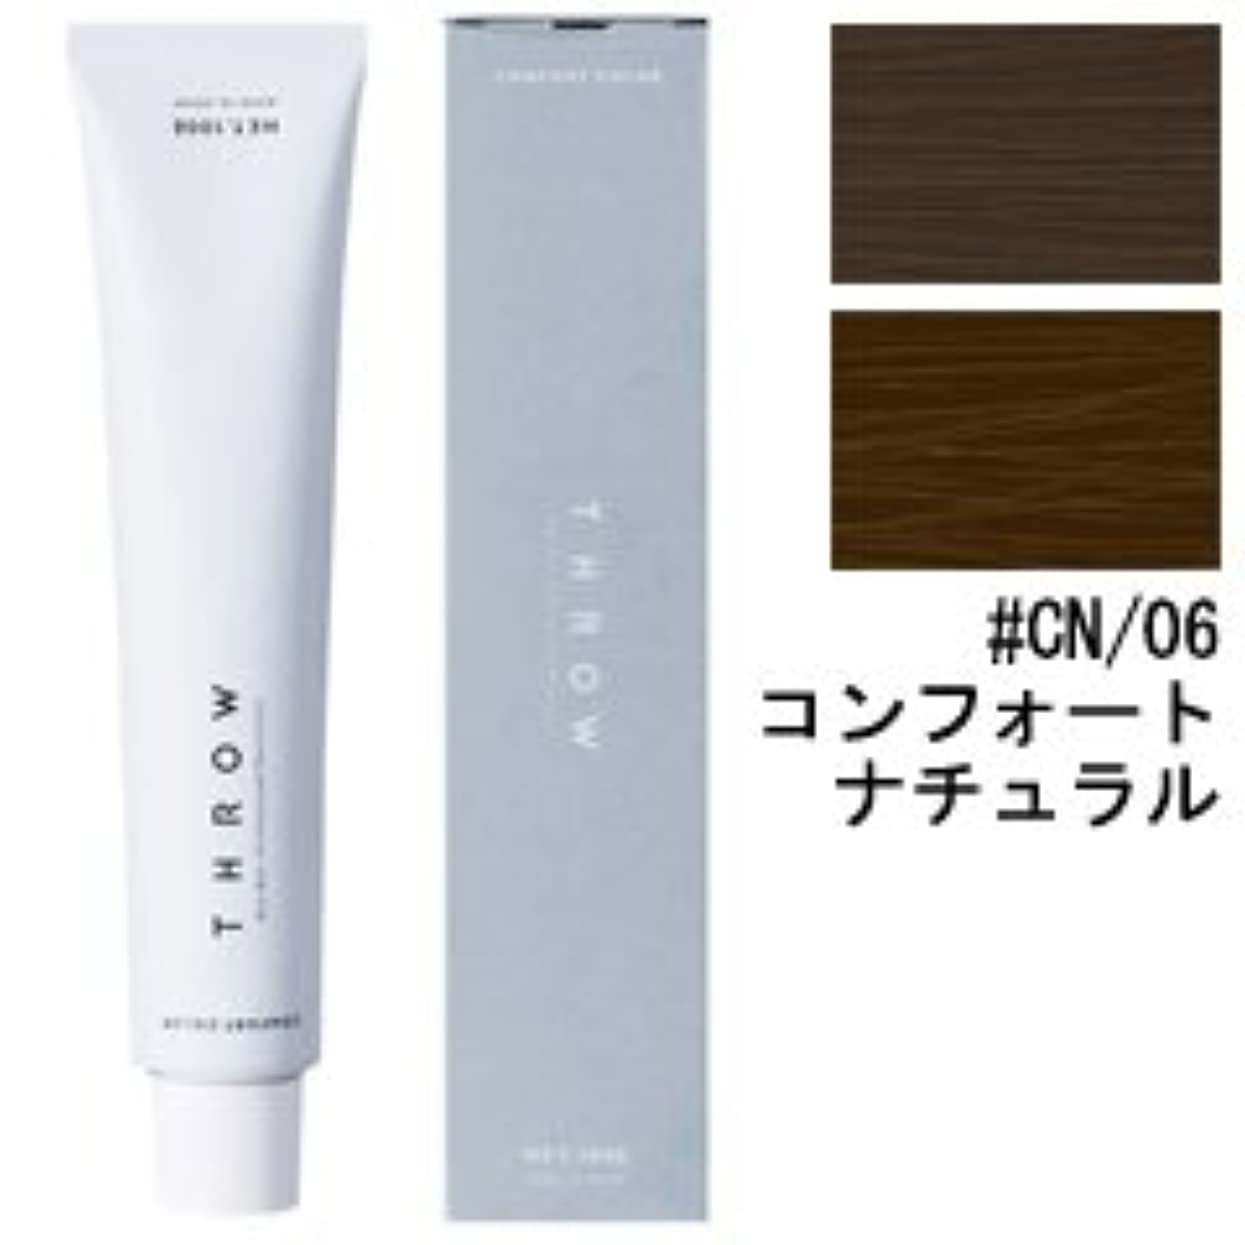 【モルトベーネ】スロウ コンフォートカラー #CN/06 コンフォートナチュラル 100g